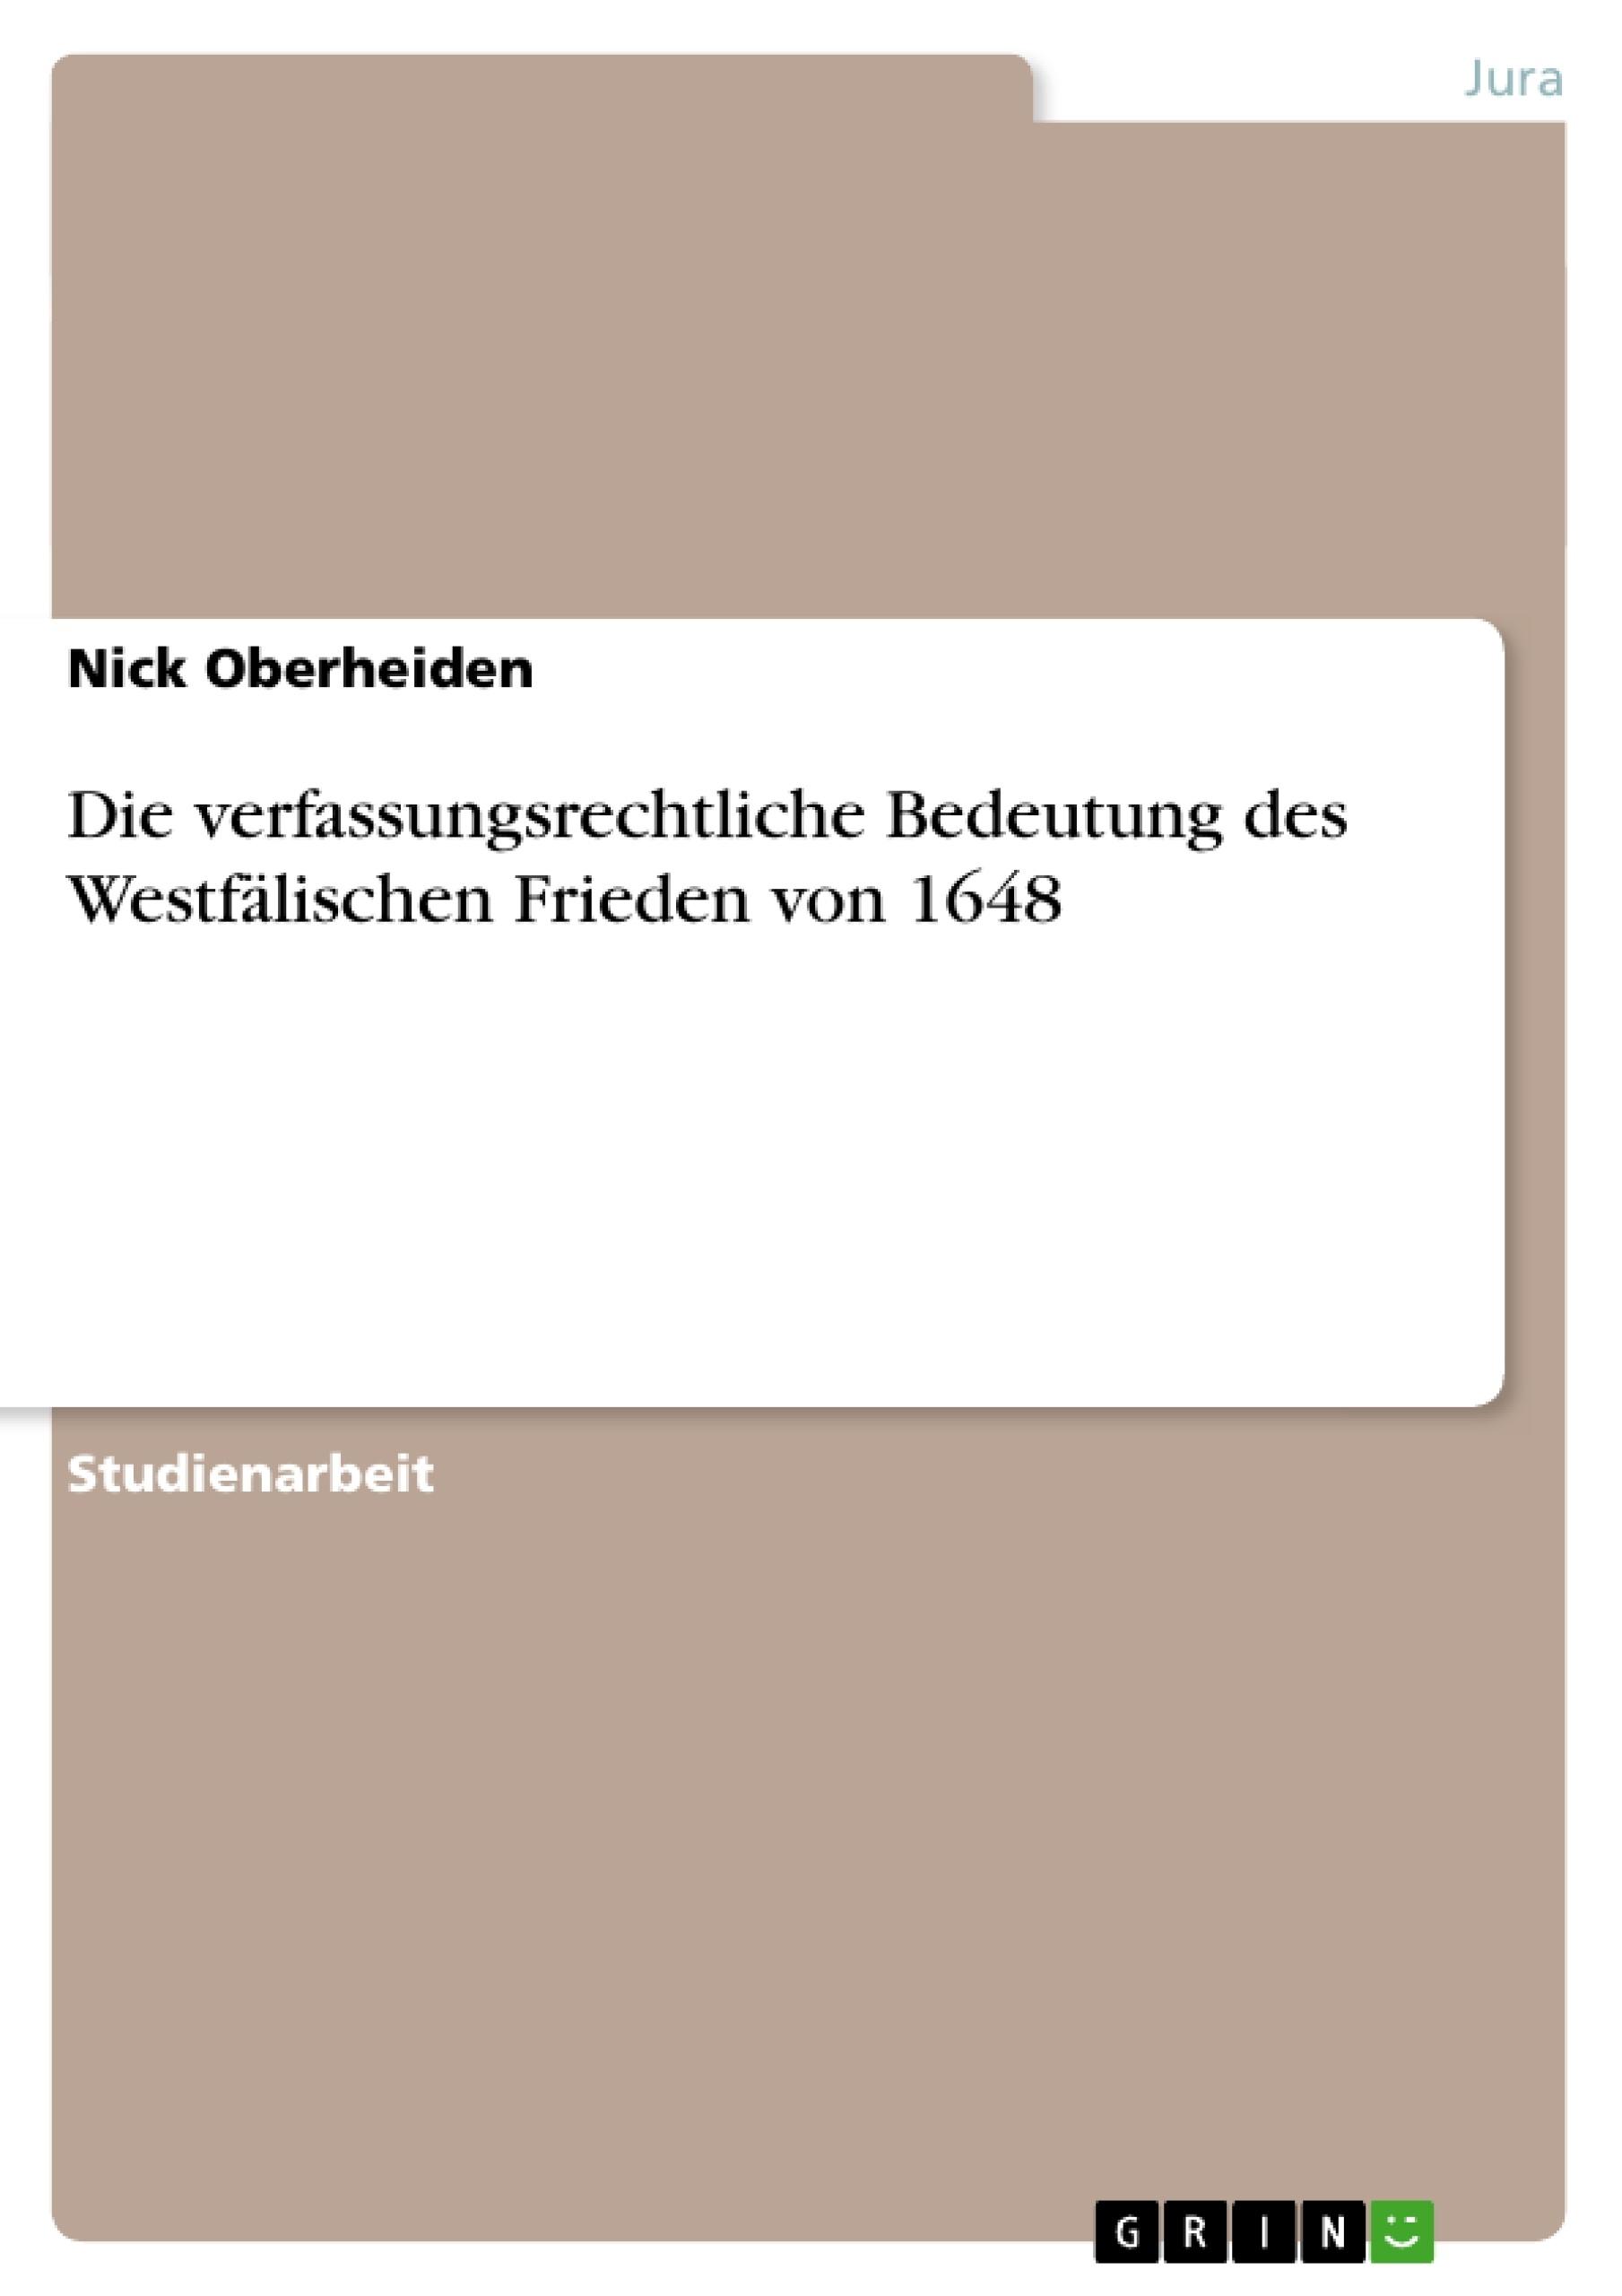 Titel: Die verfassungsrechtliche Bedeutung des Westfälischen Frieden von 1648